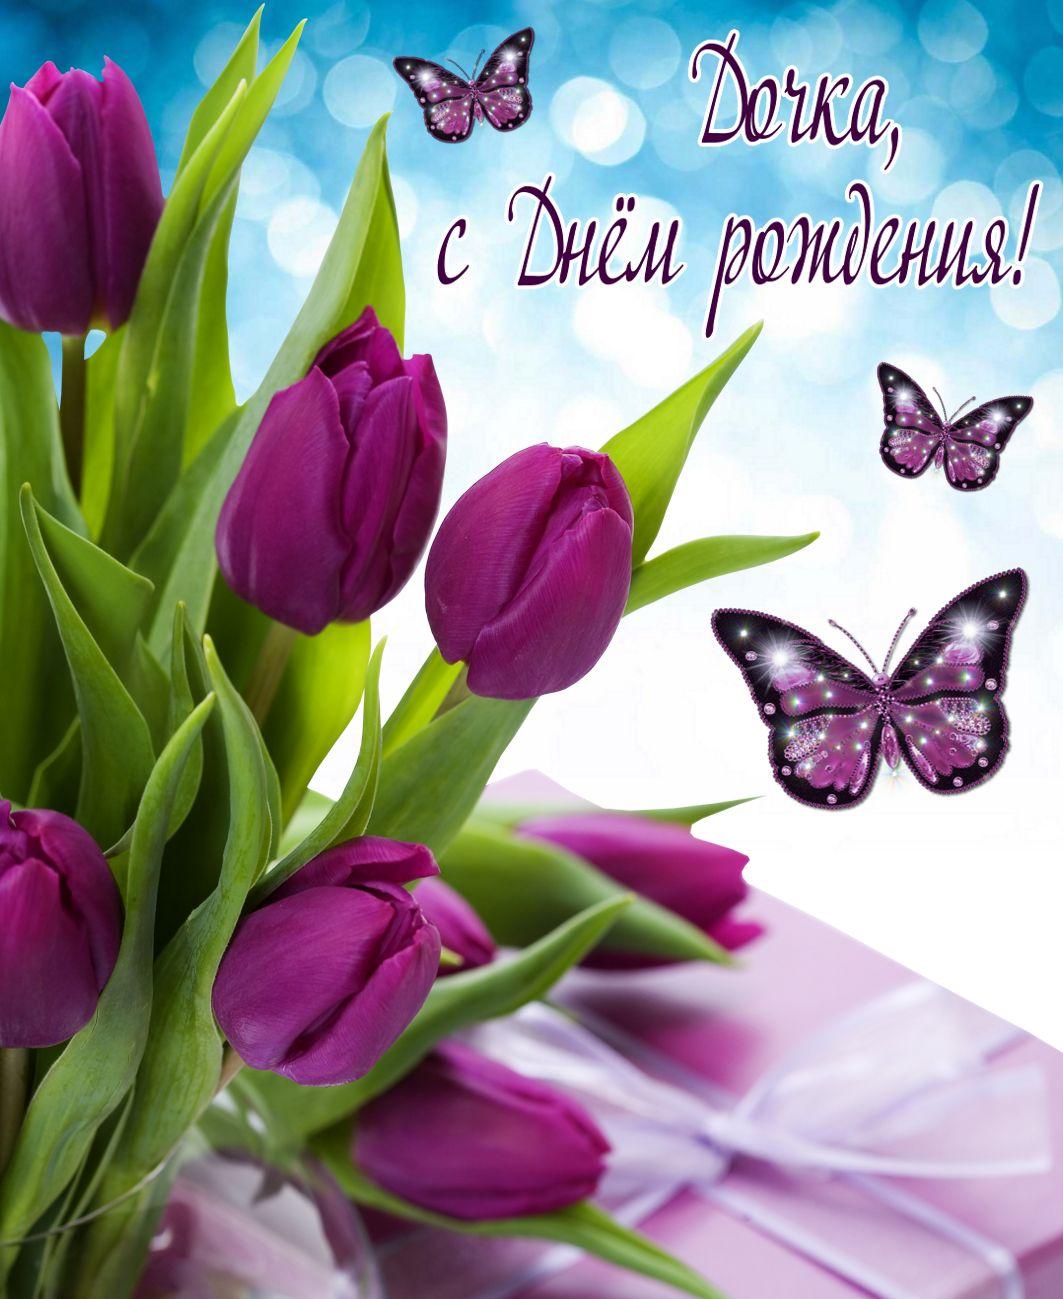 Виолетта, красивая открытка с днем рождения для женщины тюльпаны